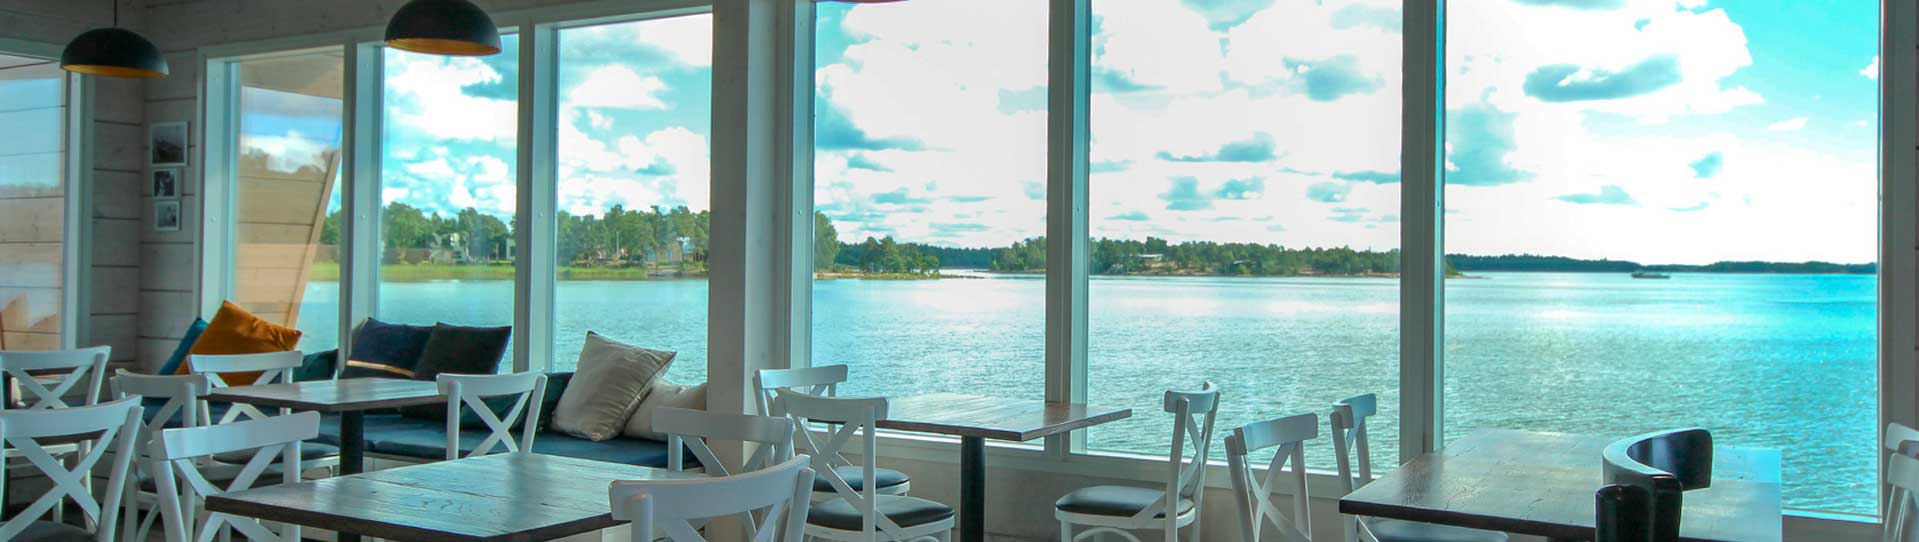 Nokkalan Majakan upeat ja valoisat merinäköala -tilat sopivat hyvin kokous- ja aamiaistilaisuuksiin.